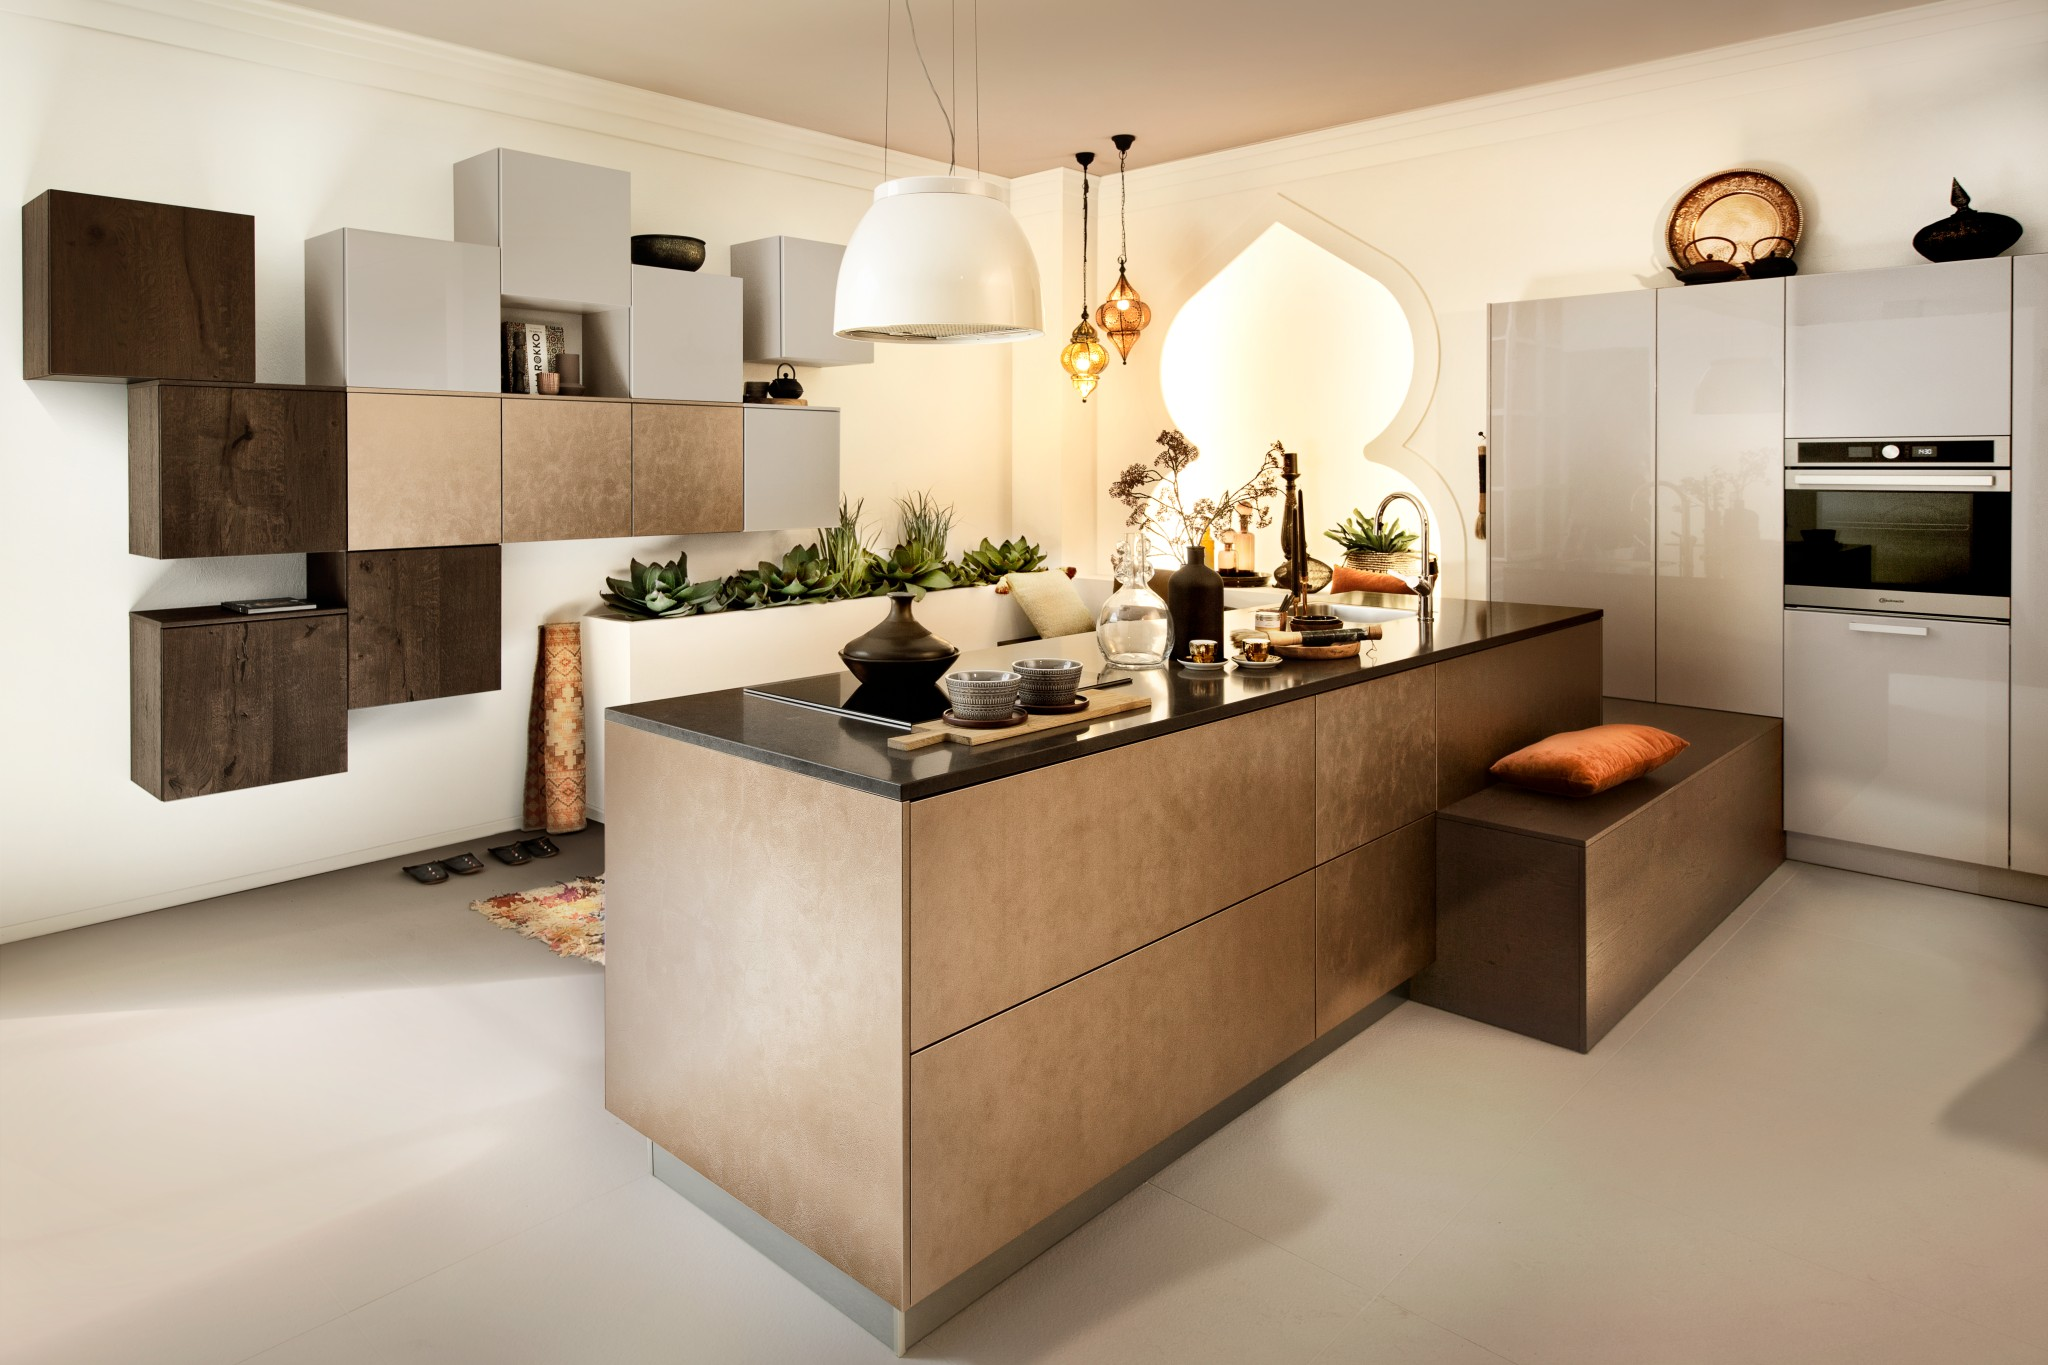 Haecker Hausausstellung 2018 Koje30 AV4070 Bronze AV4030 Kaschmir M